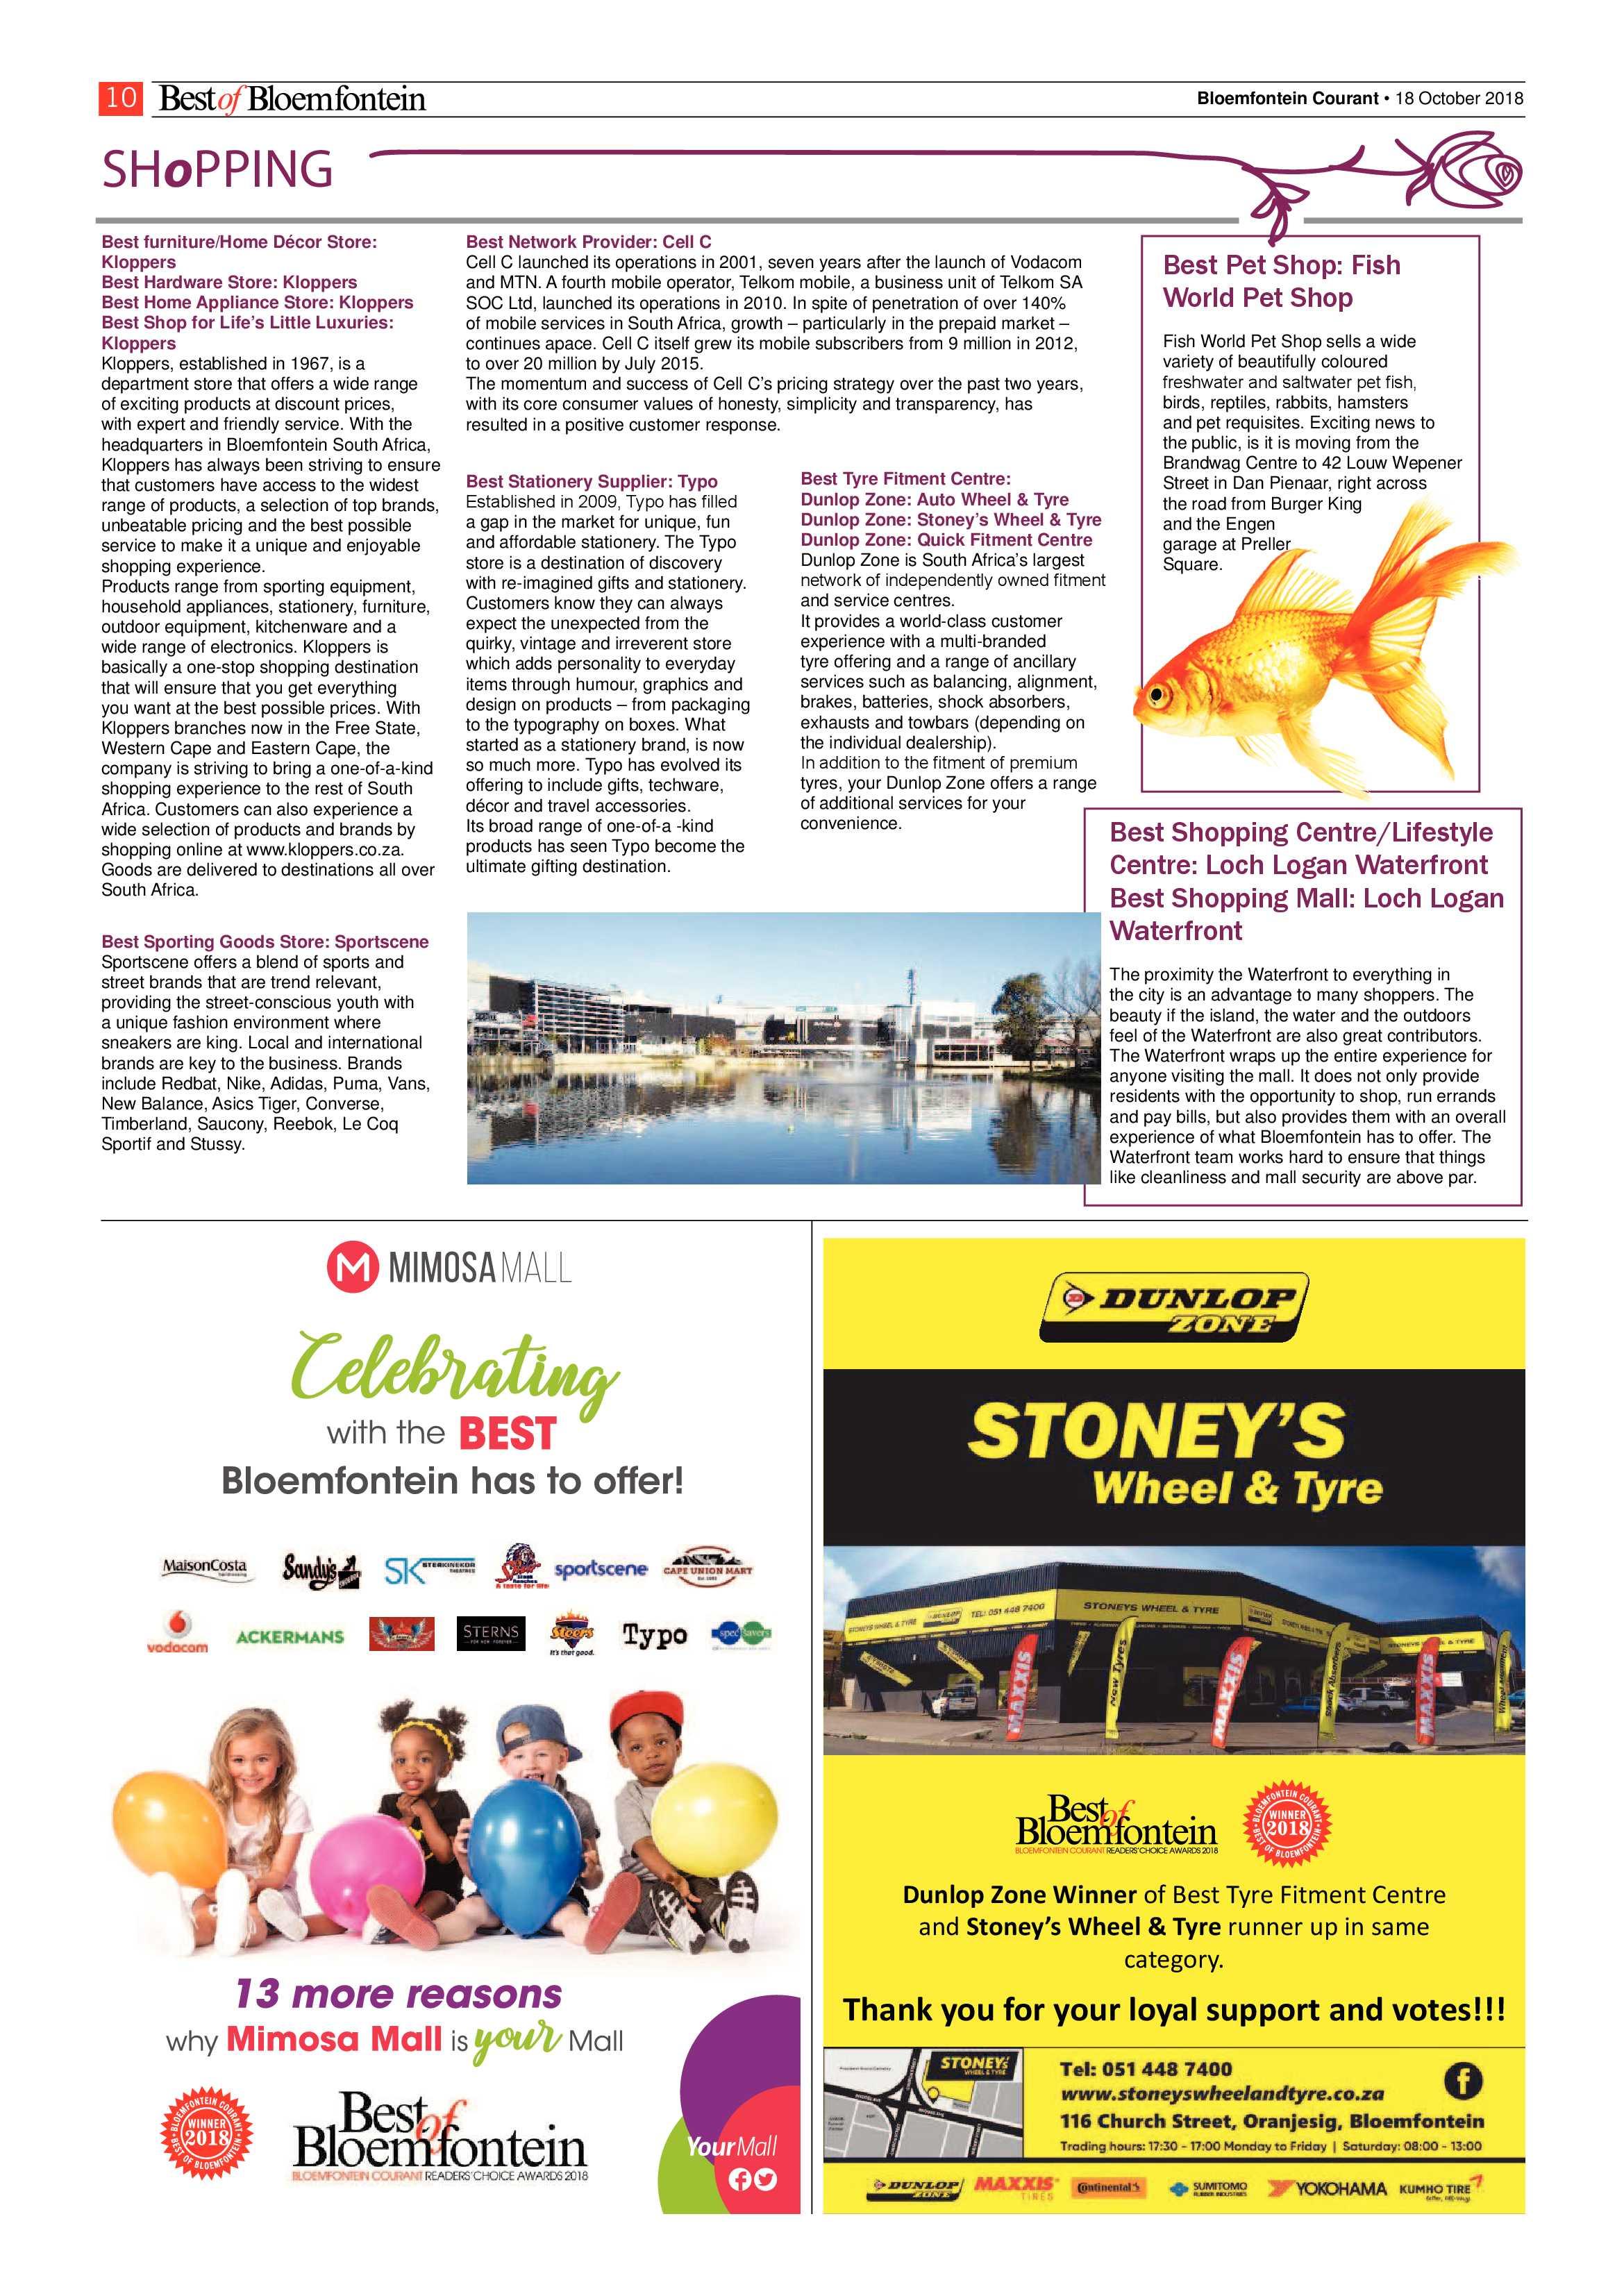 best-of-bloemfontein-2018-epapers-page-10